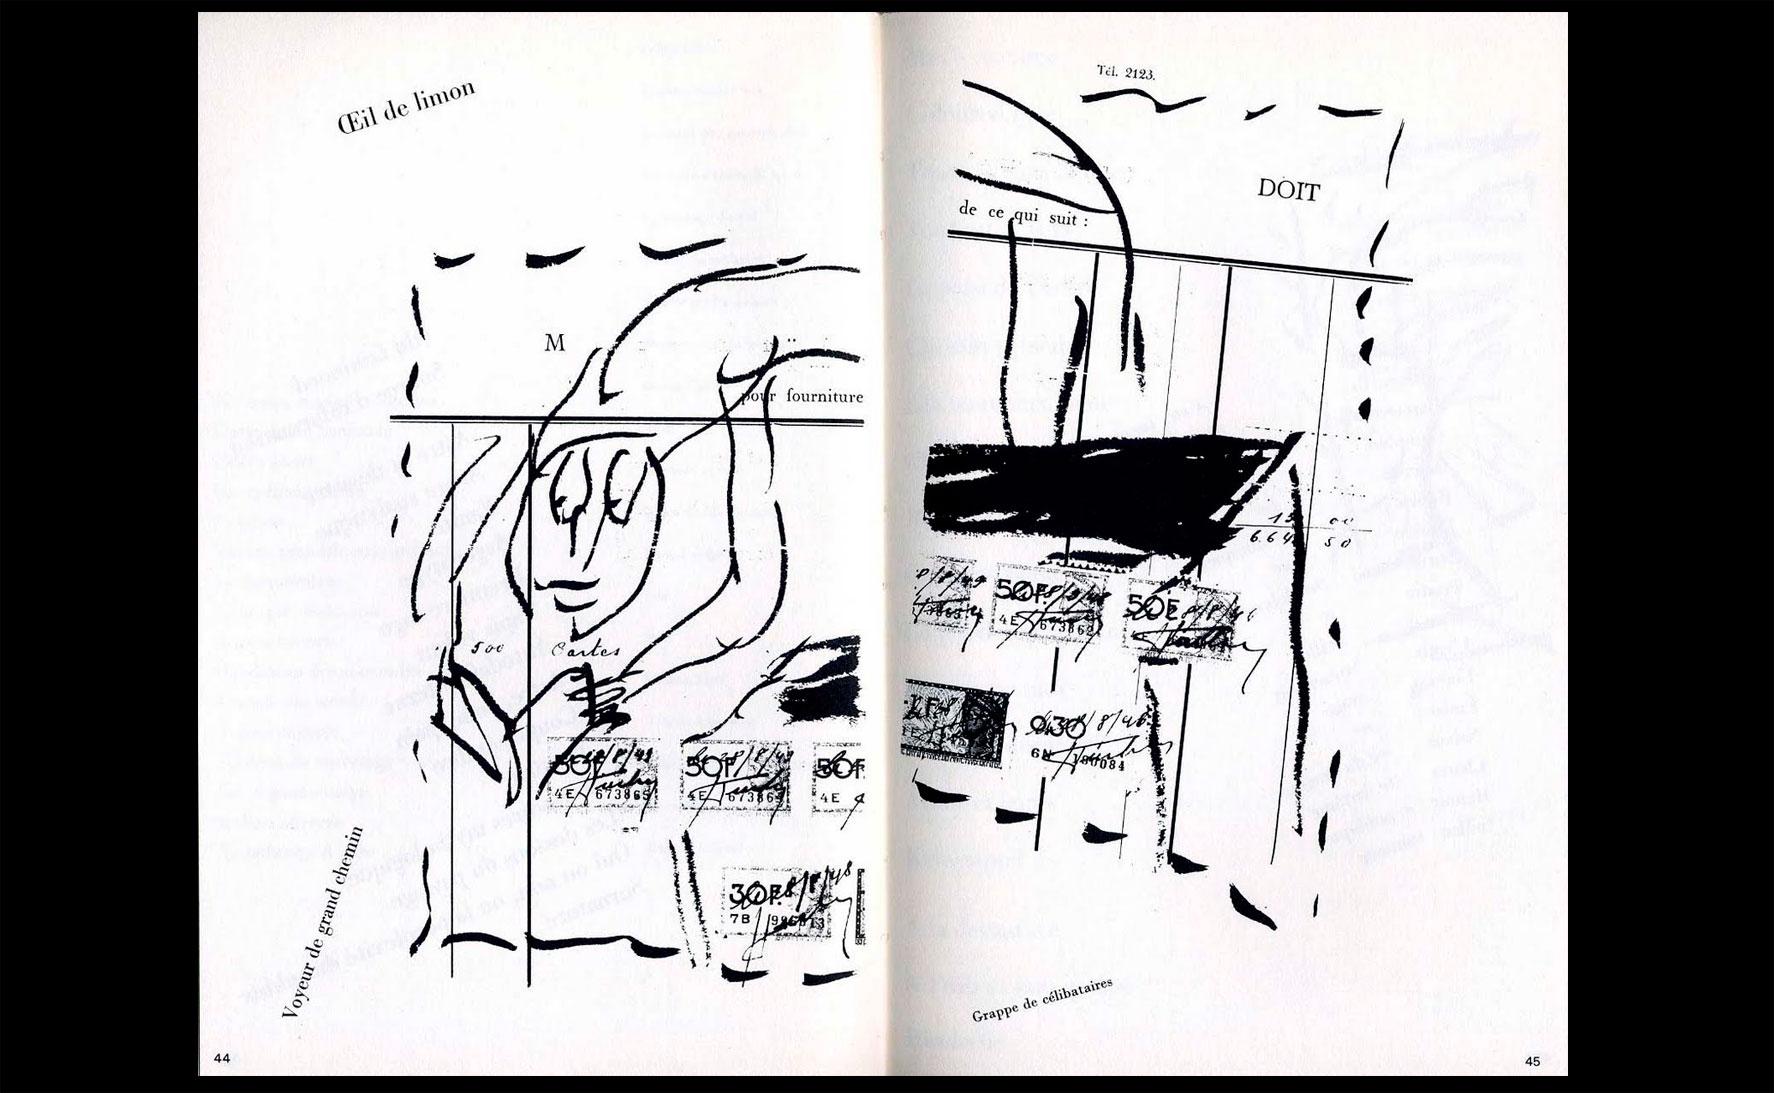 Le-Bureau-des-titres-Pierre-Faucheux-1983-05